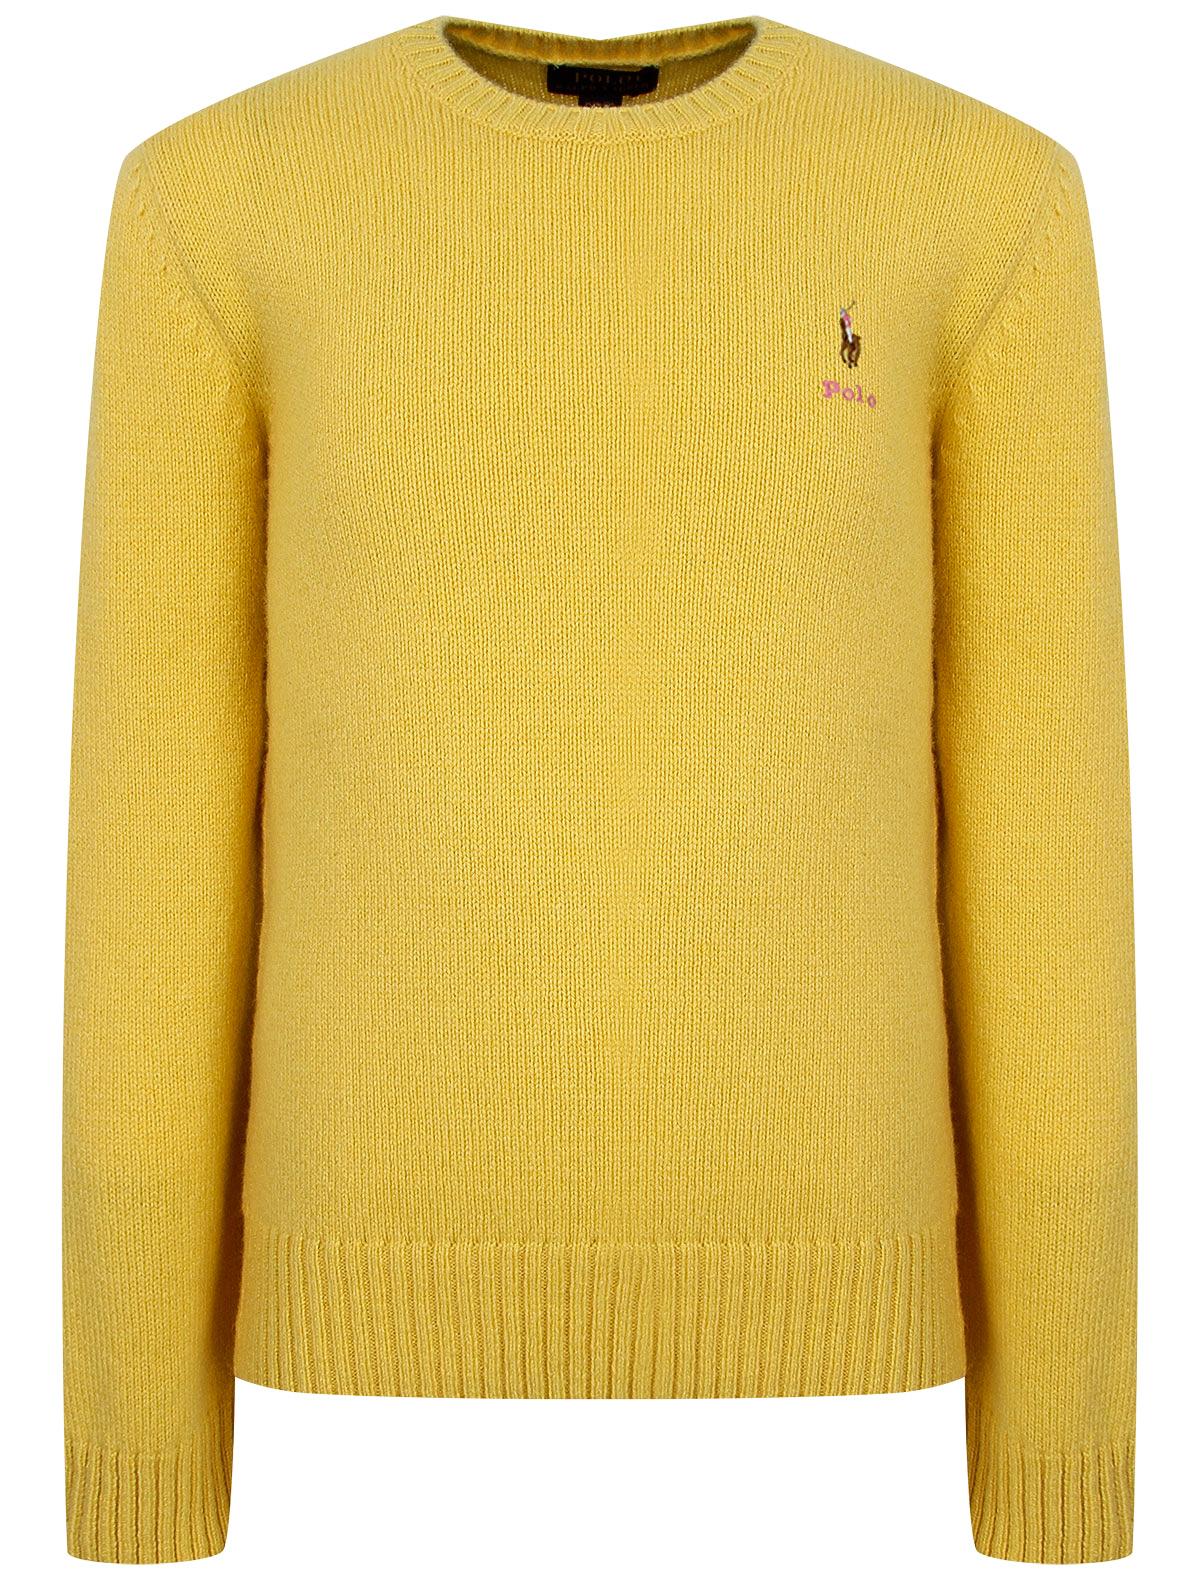 2263476, Джемпер Ralph Lauren, желтый, Женский, 1264509084476  - купить со скидкой